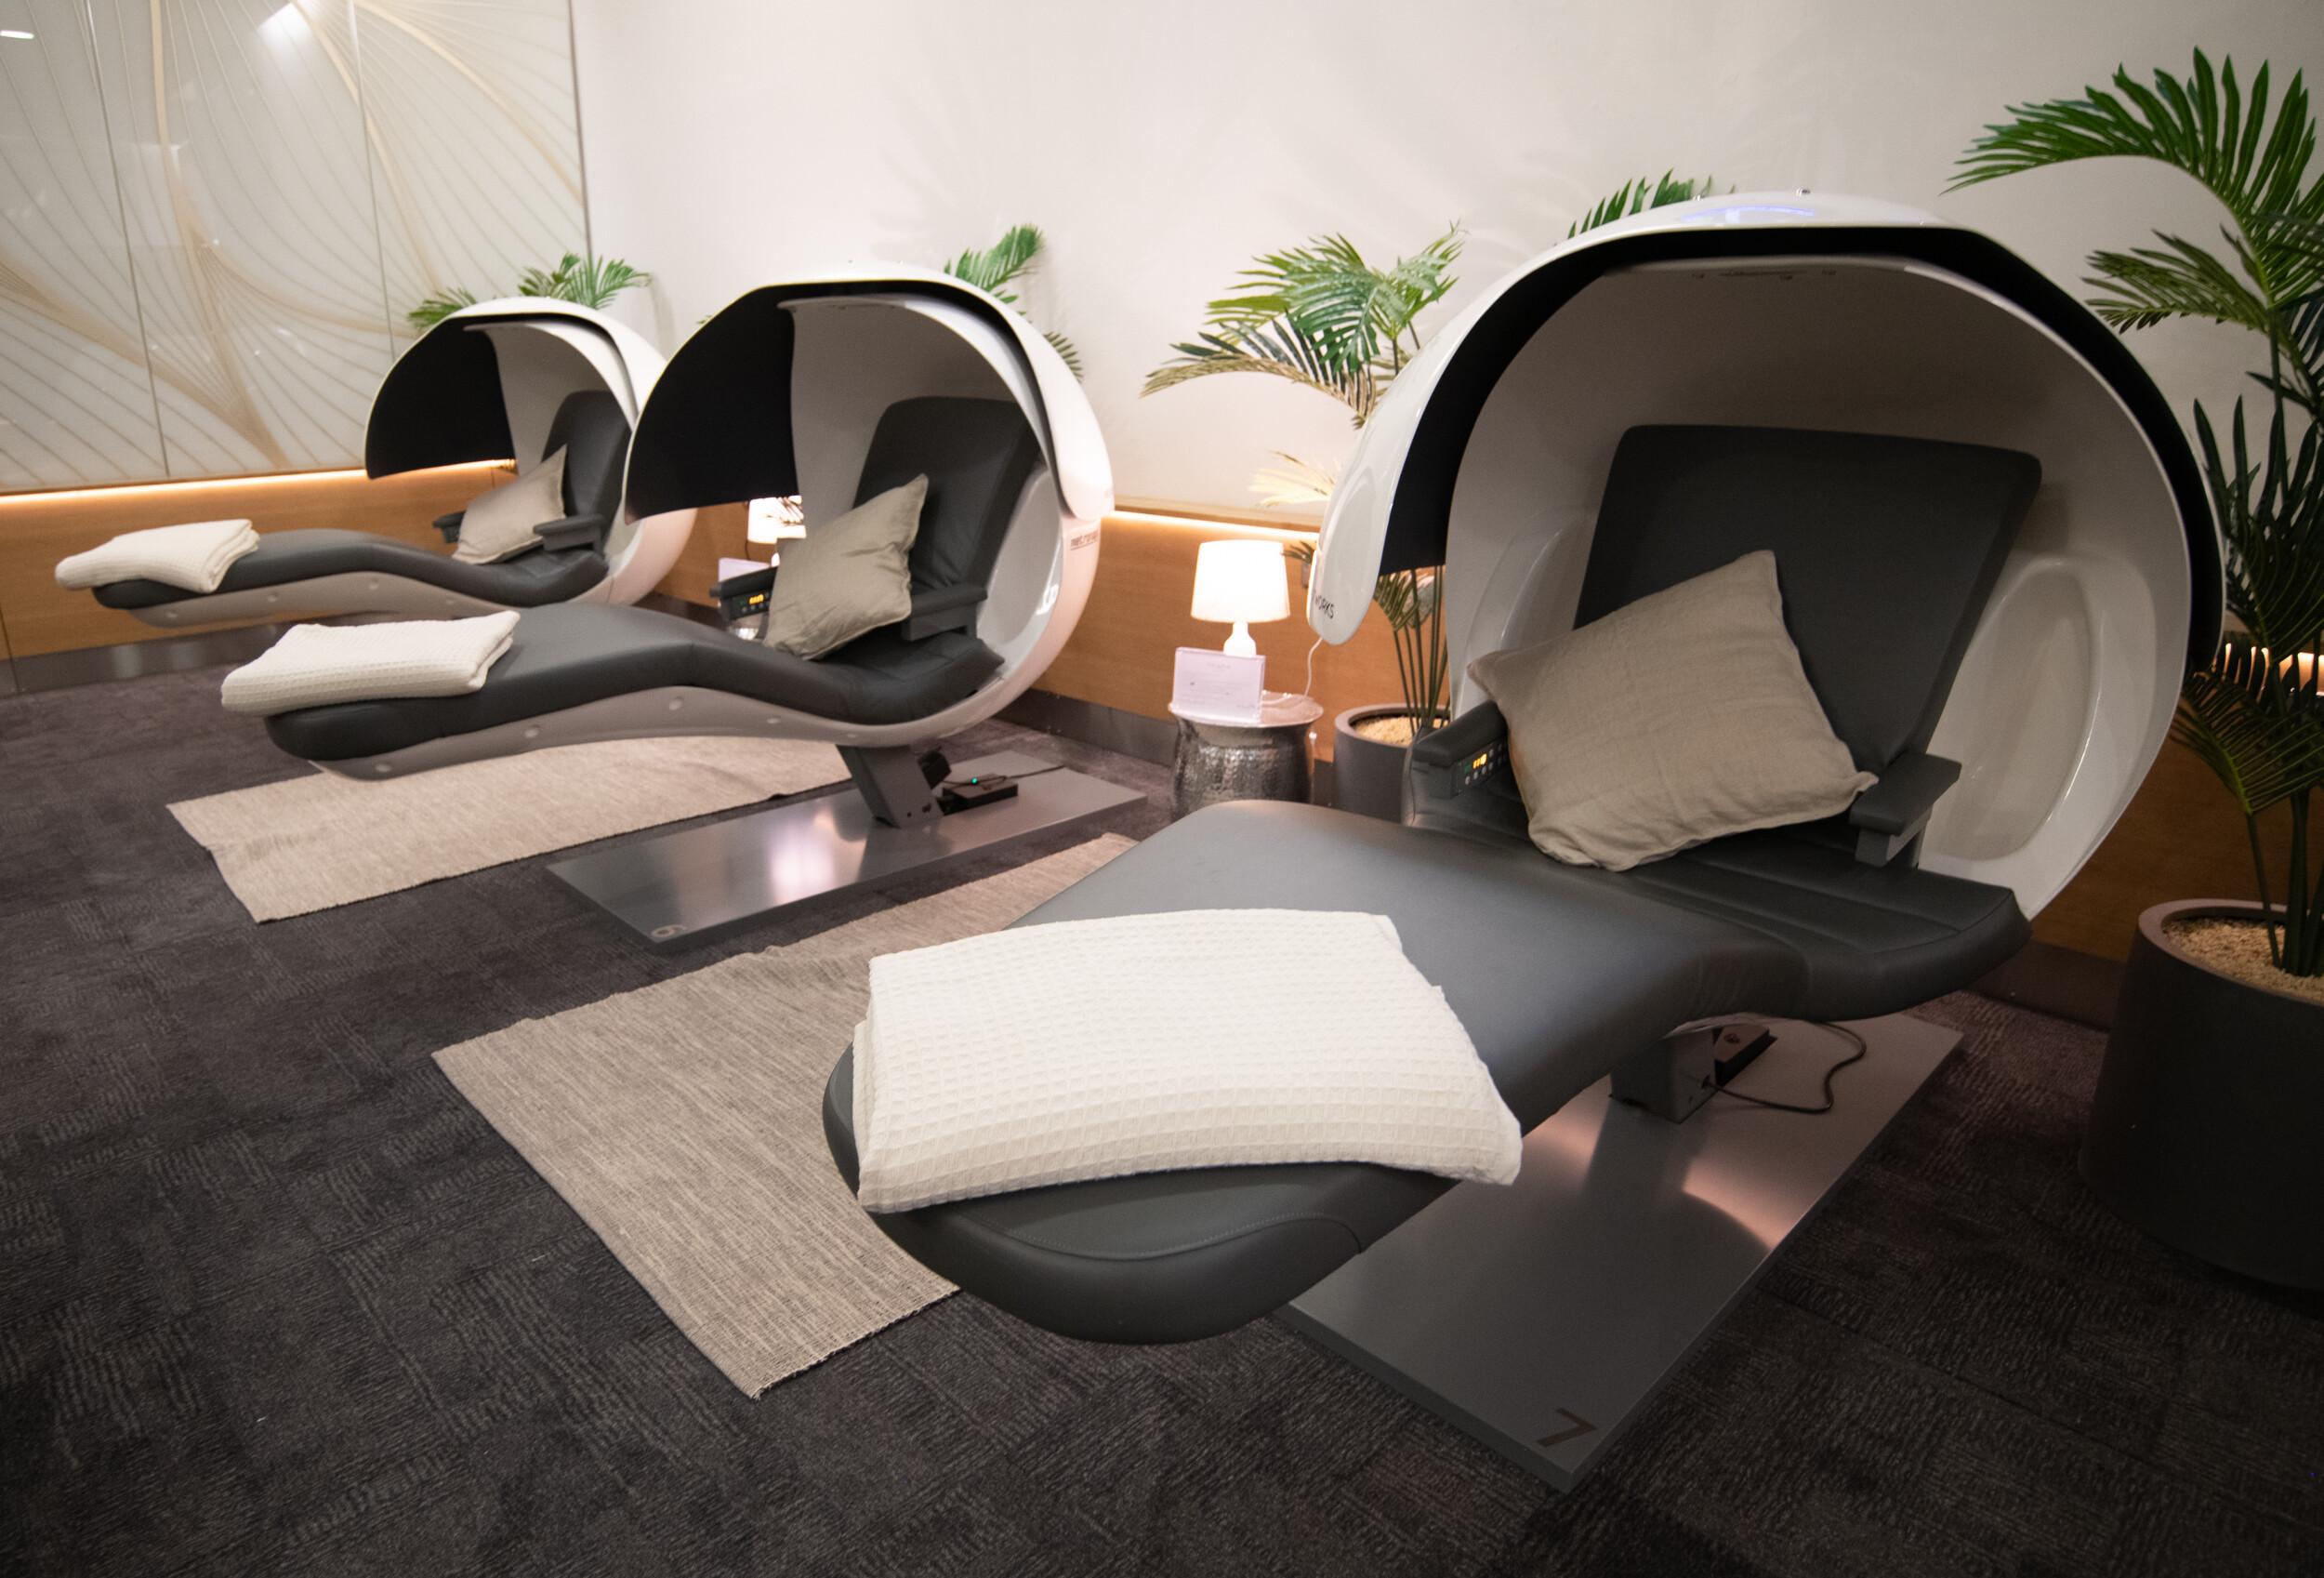 De nye power nap-kabiner kaldt EnergyPods i British Airways' First Lounge i London Heathrow. Foto: British Airways